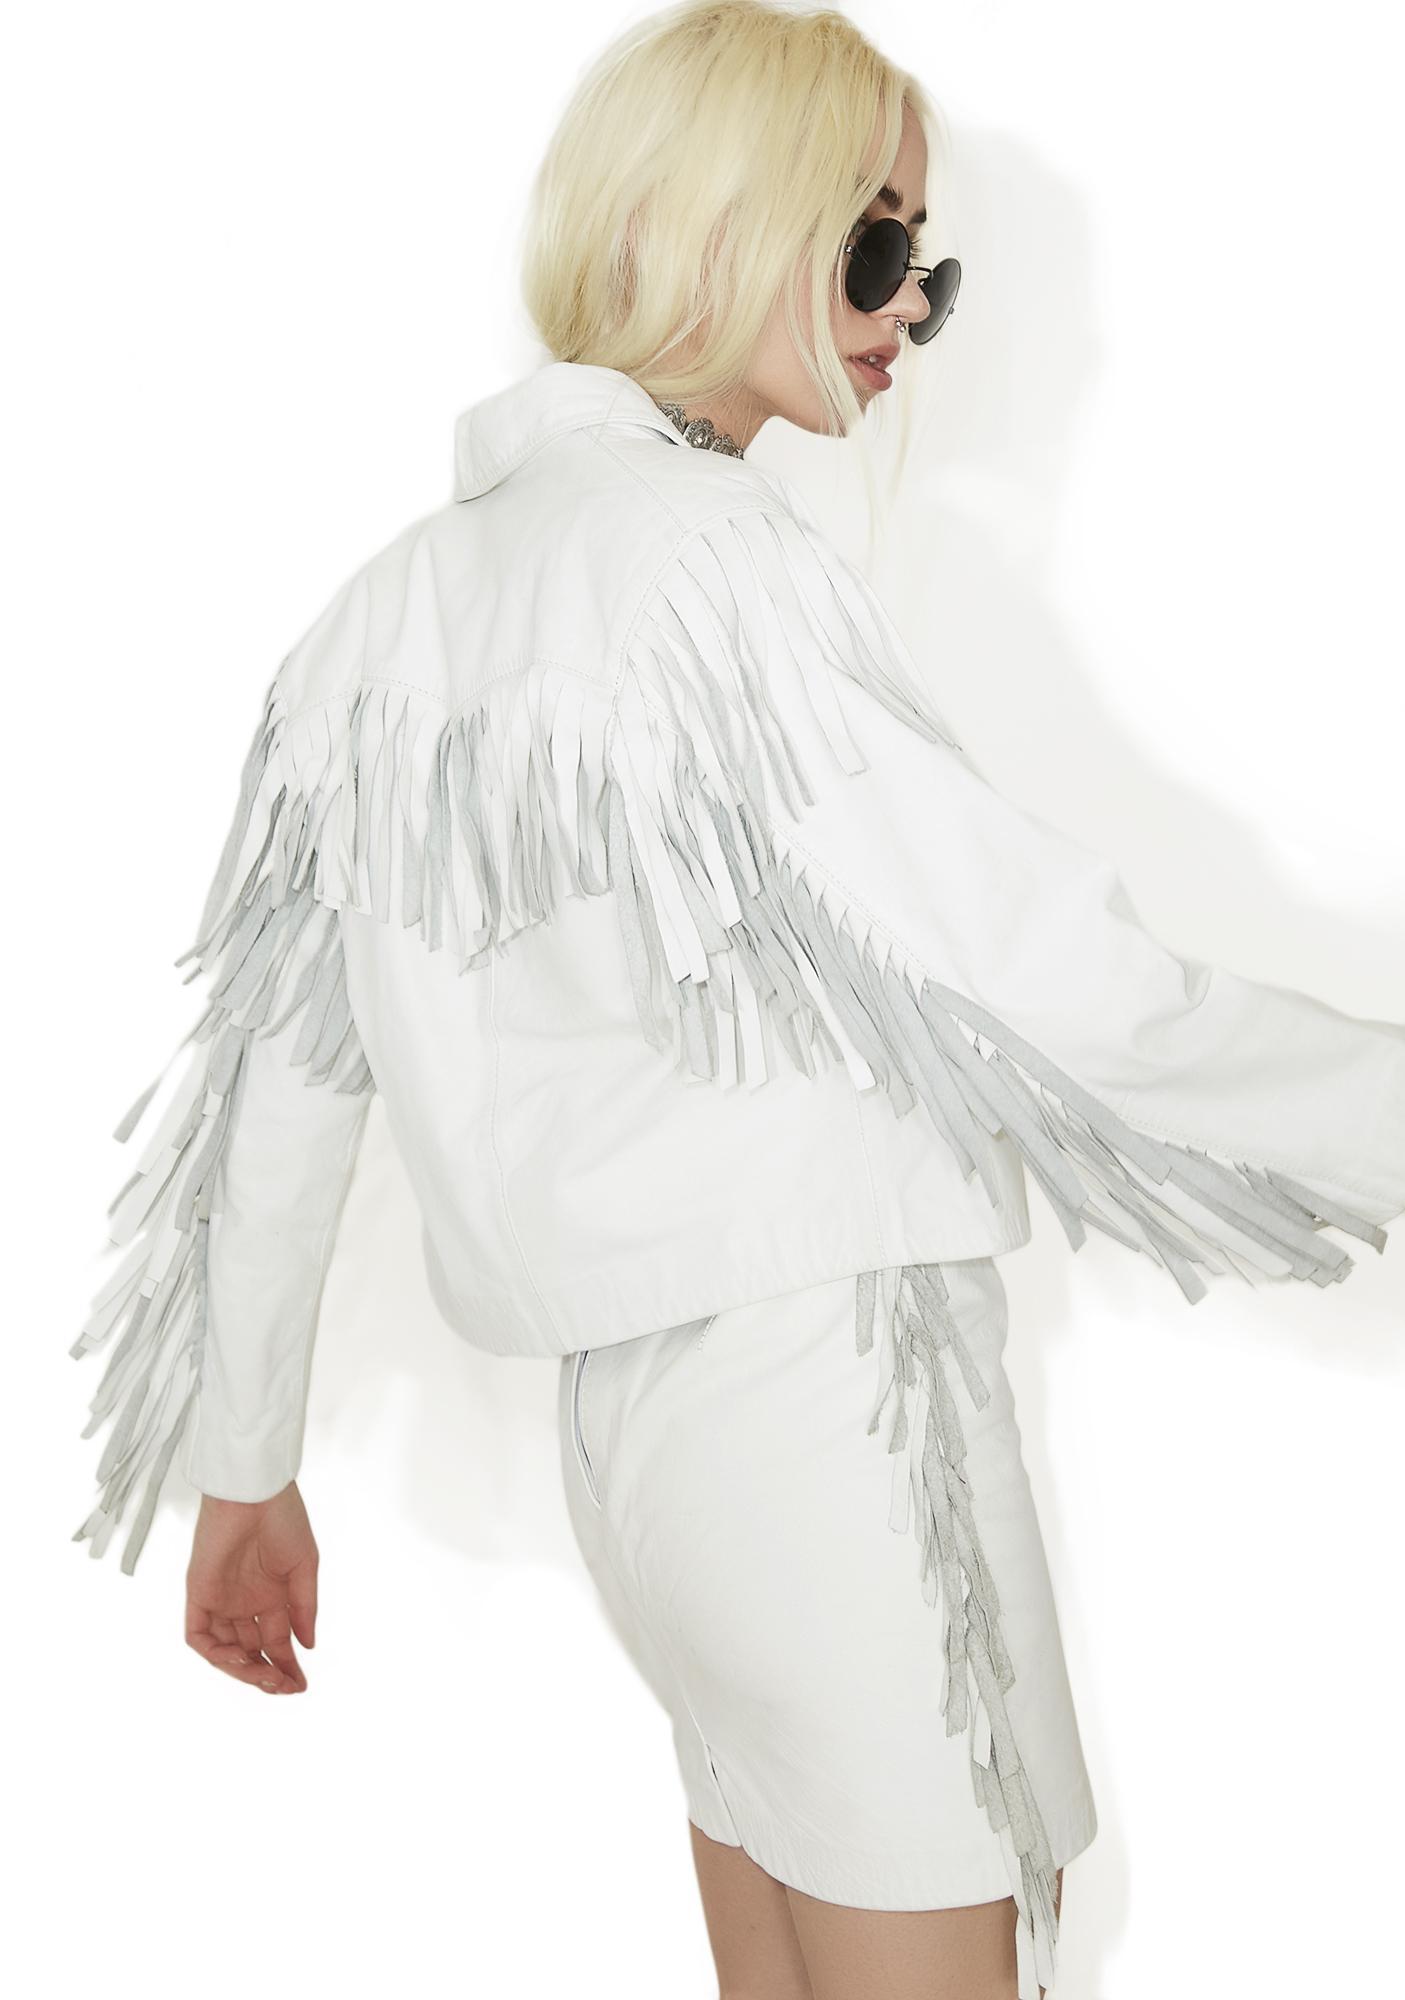 907f5c8c5 Vintage White Leather Fringe Jacket